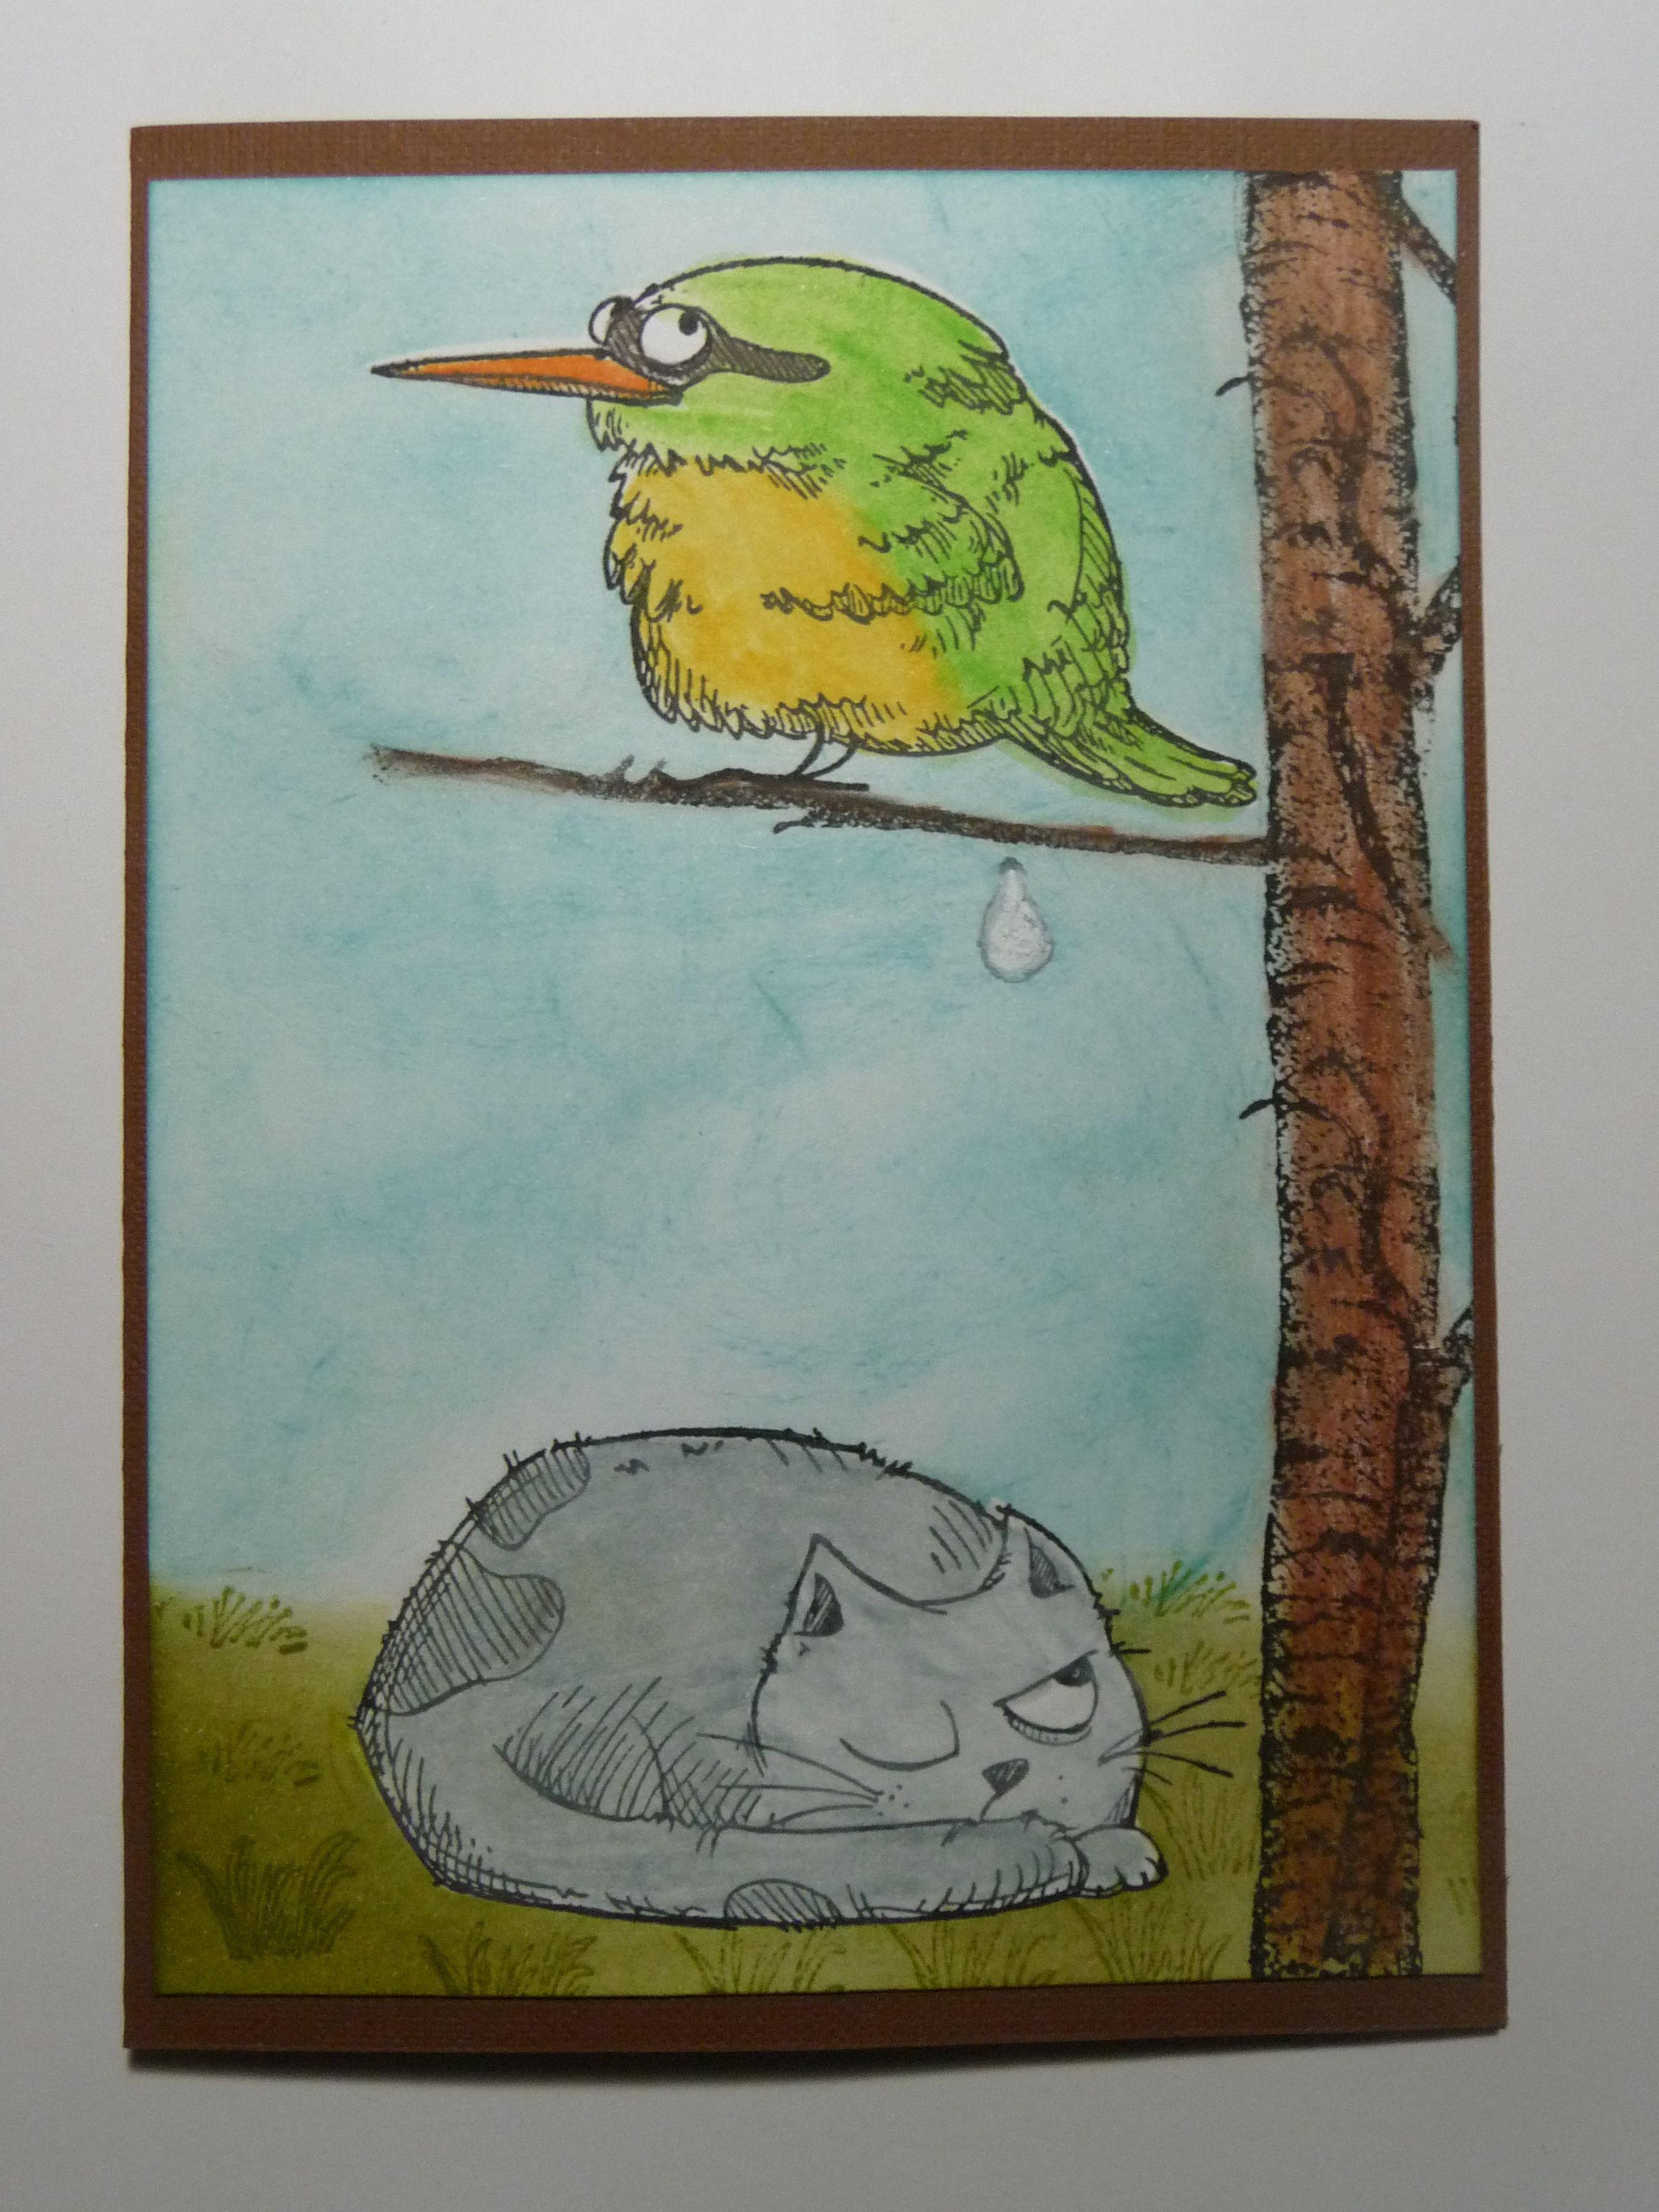 Katzelkraft cat + bird, made by Enny